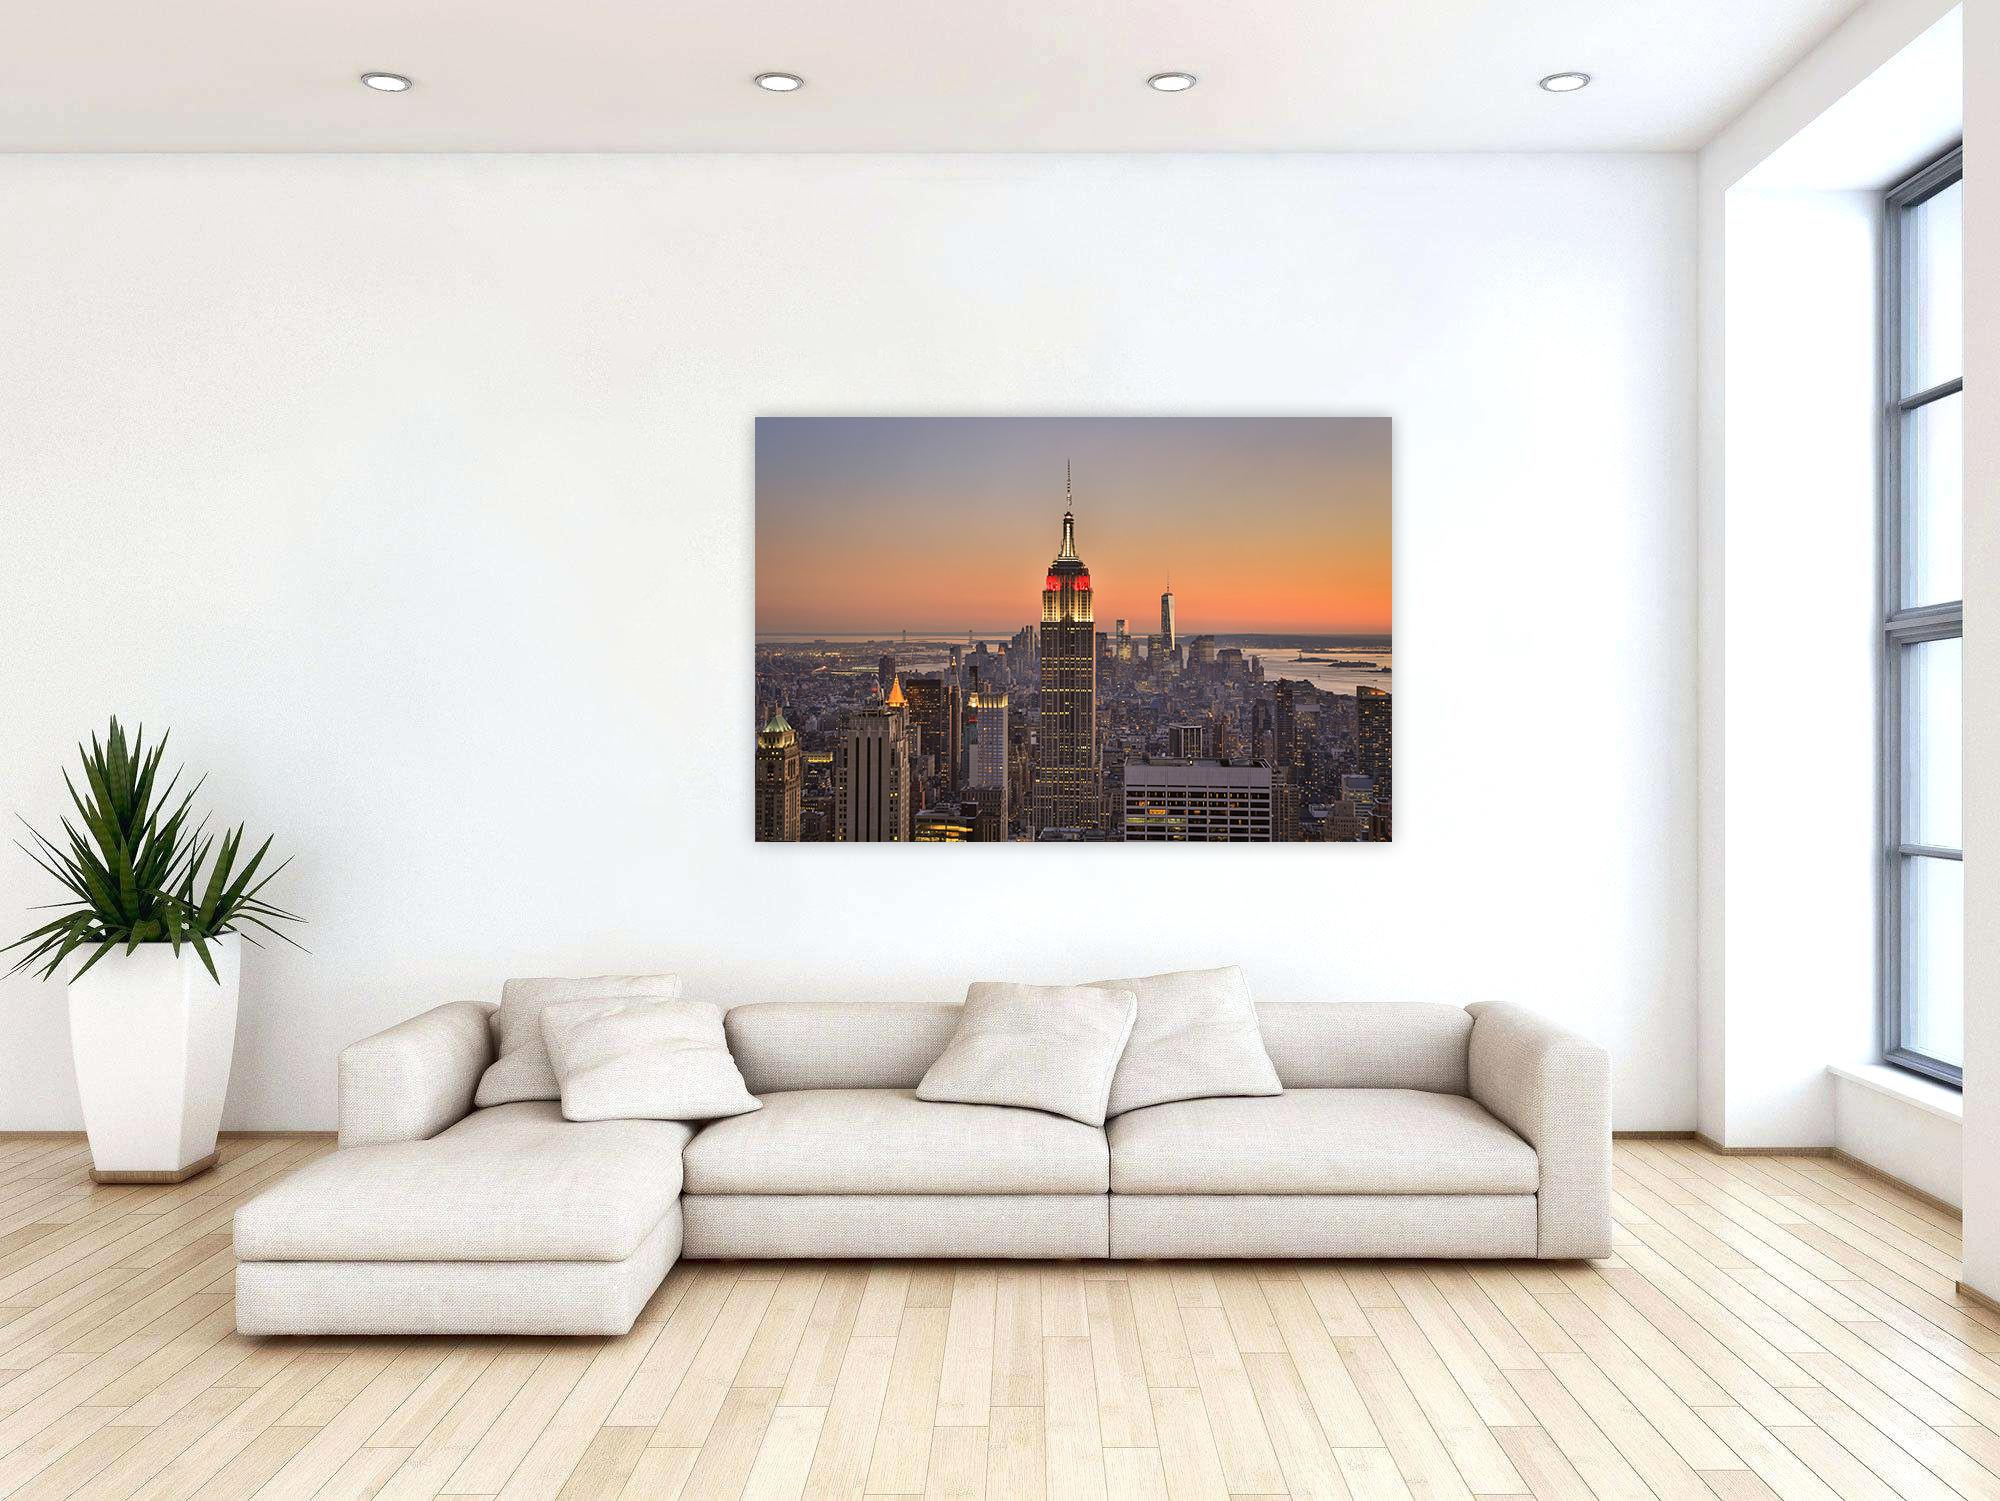 phantasievolle-bilder-wohnzimmer-abstrakt-und-inspiration ...